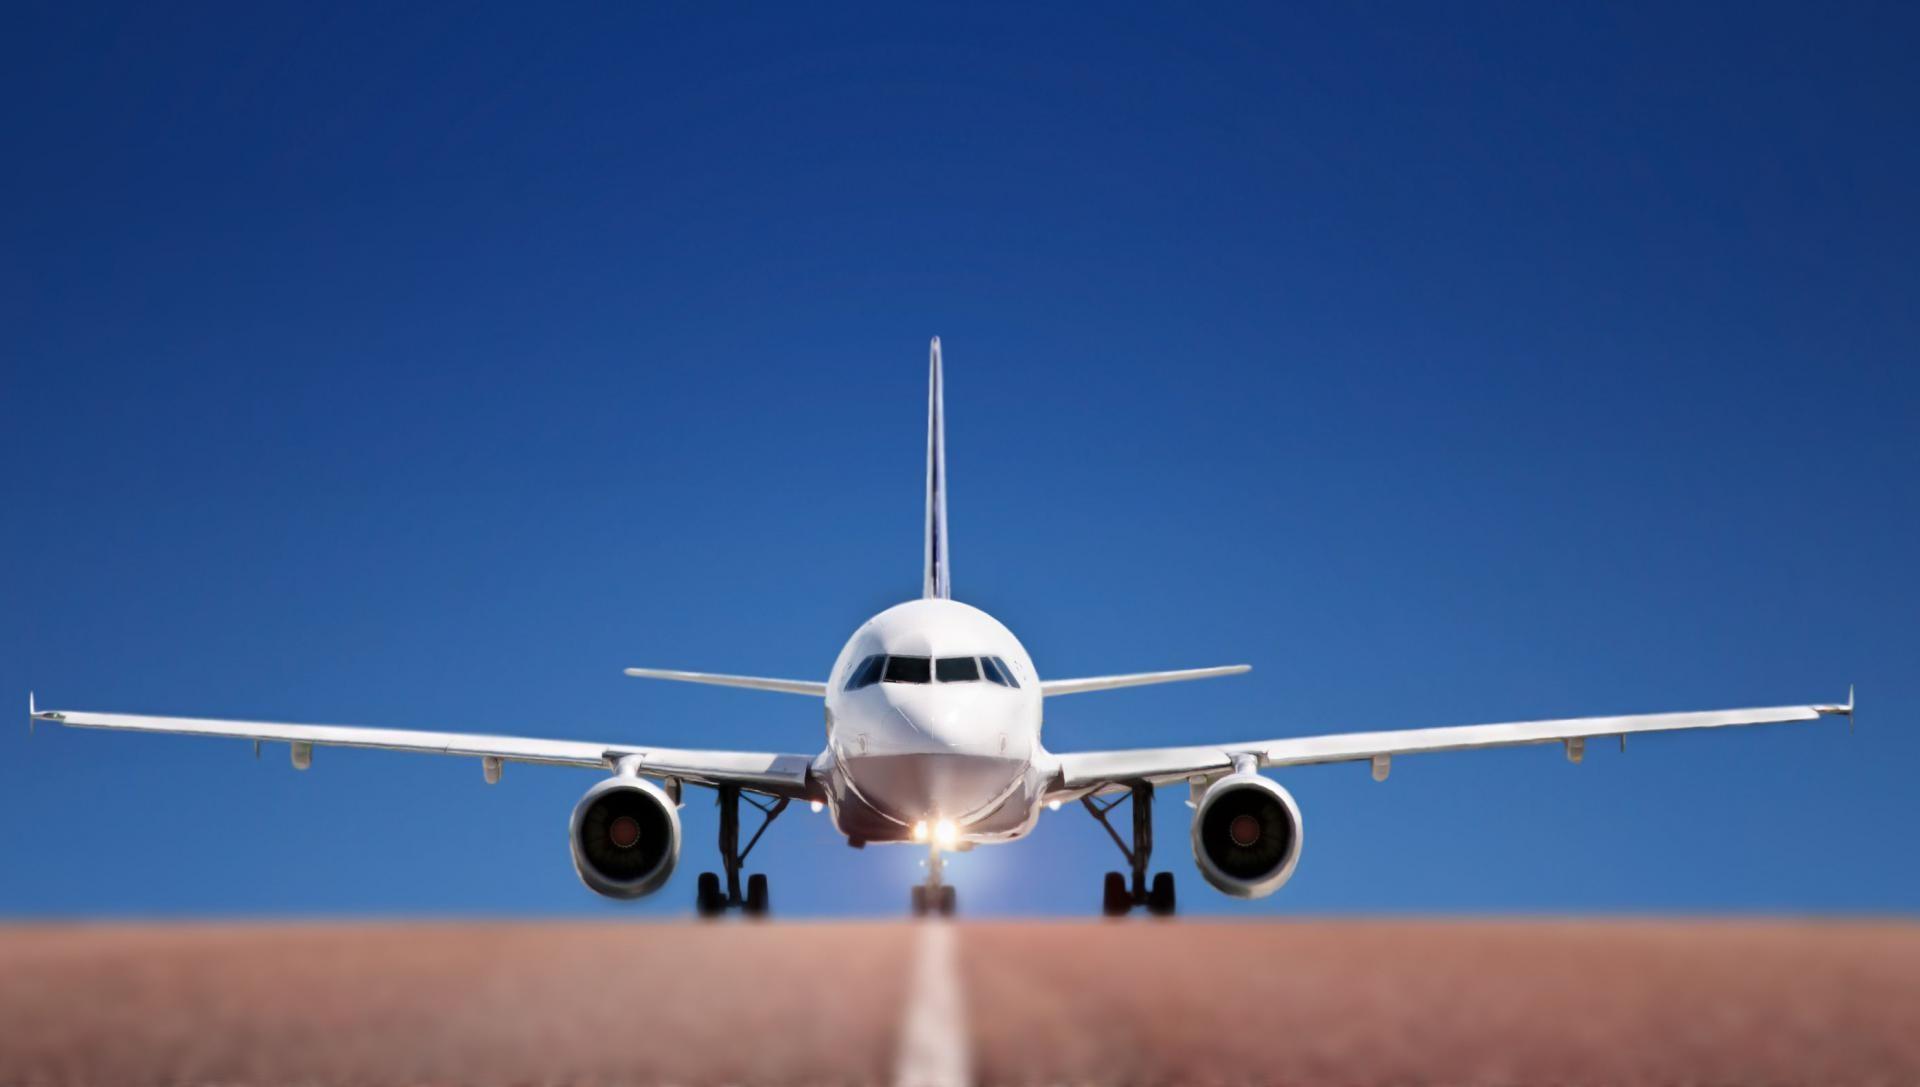 В США двух пассажиров не пустили на борт самолета за то, что они заговорили на арабском языке